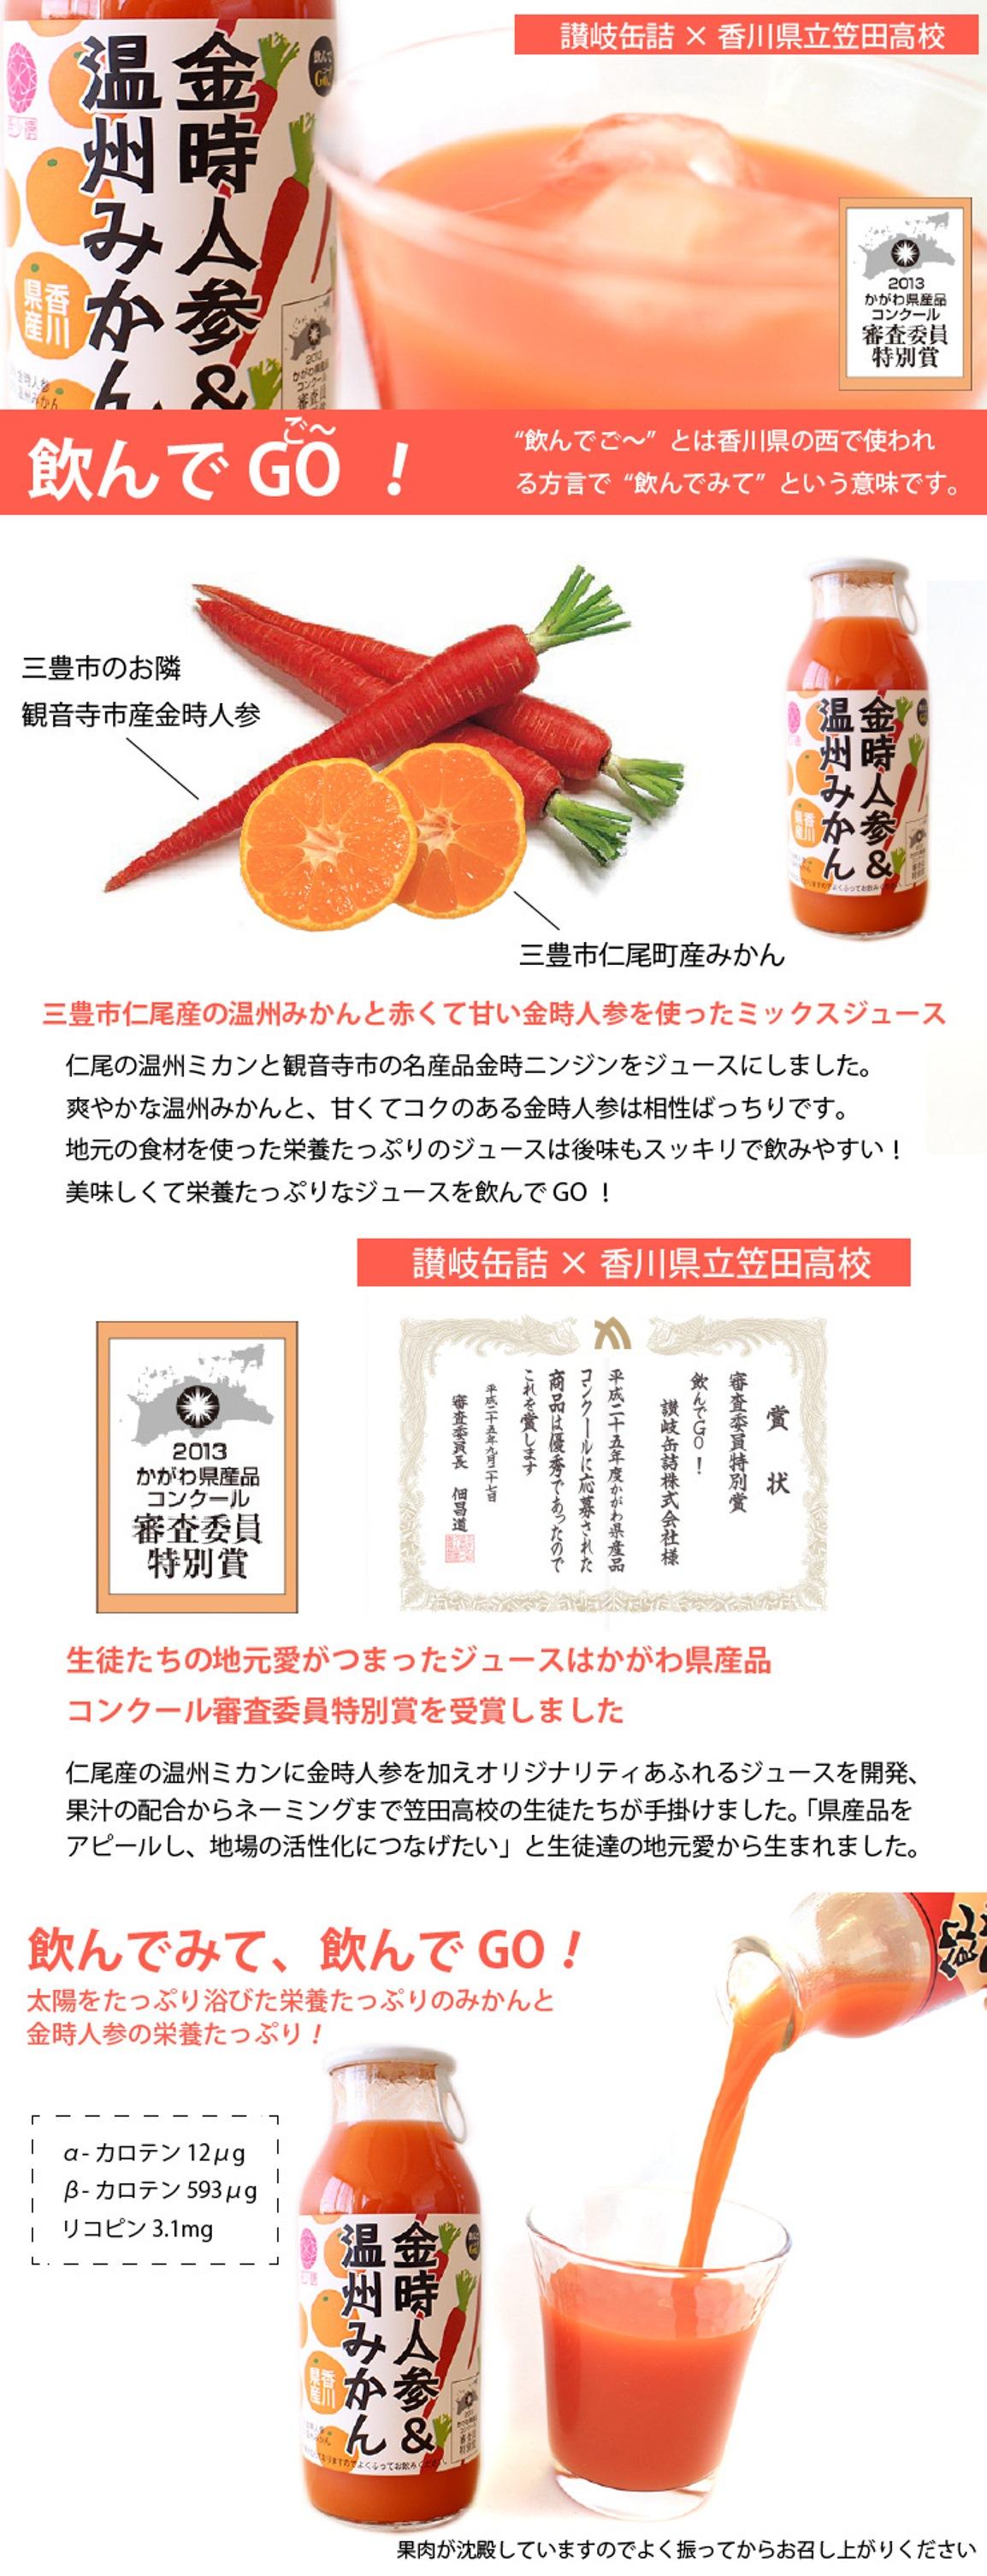 三豊市仁尾町産の温州みかんと観音寺市産の金時人参を使ったミックスジュースは、すっきりとした味わいで栄養もたっぷり。